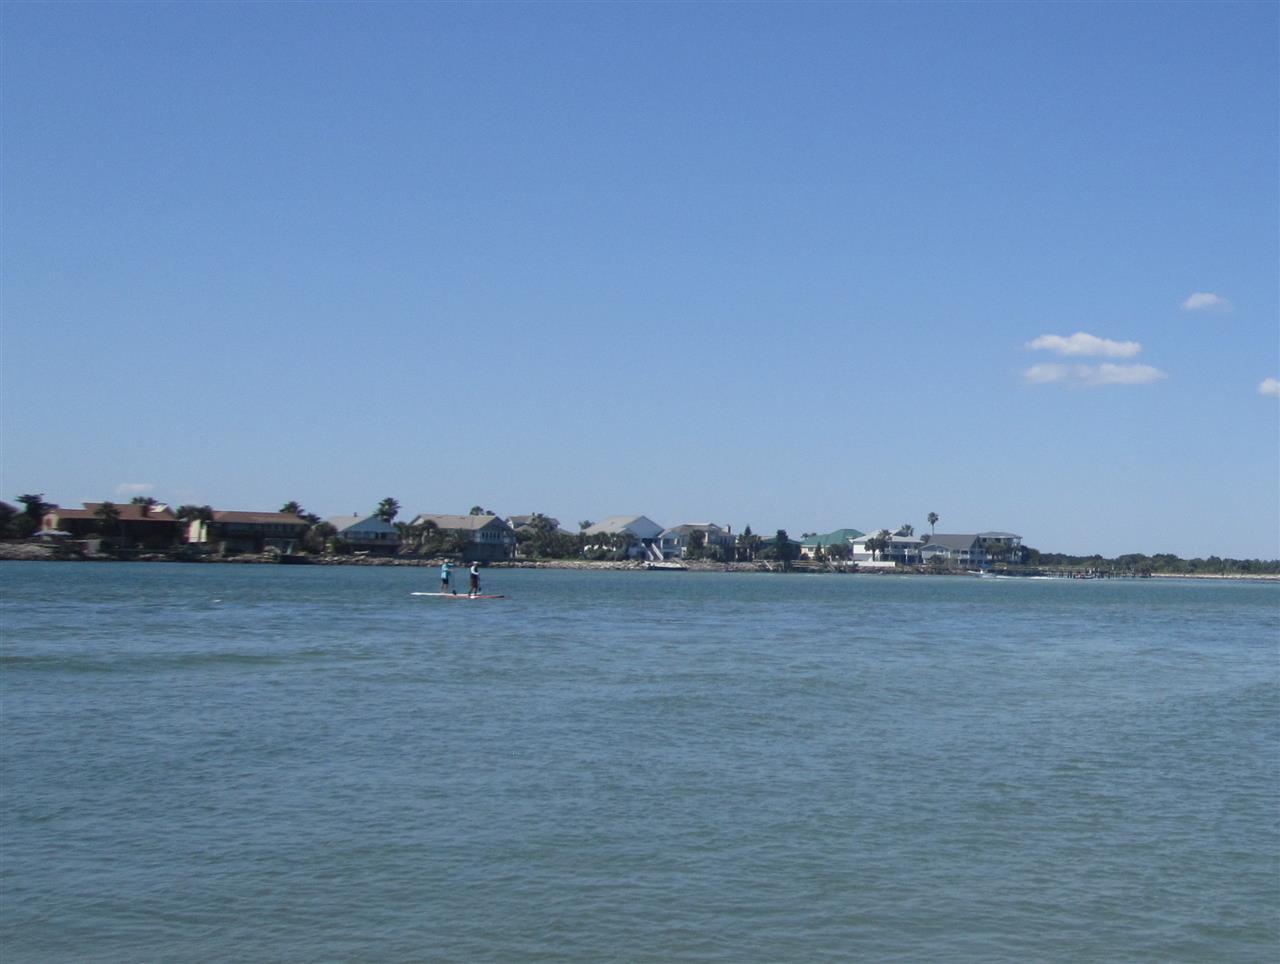 #Matanzas Inlet #St Augustine FL